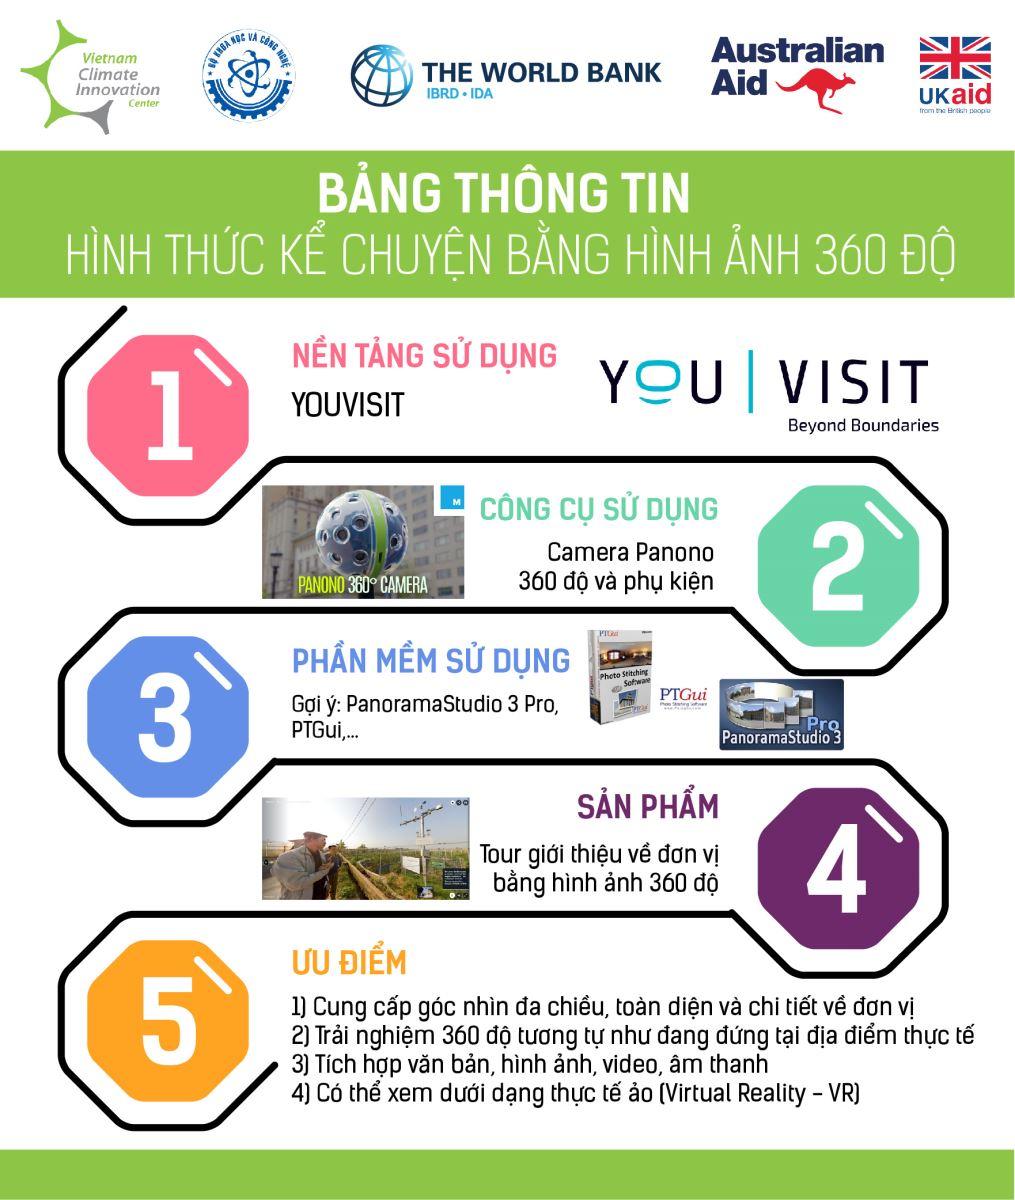 Bảng thông tin: infographic